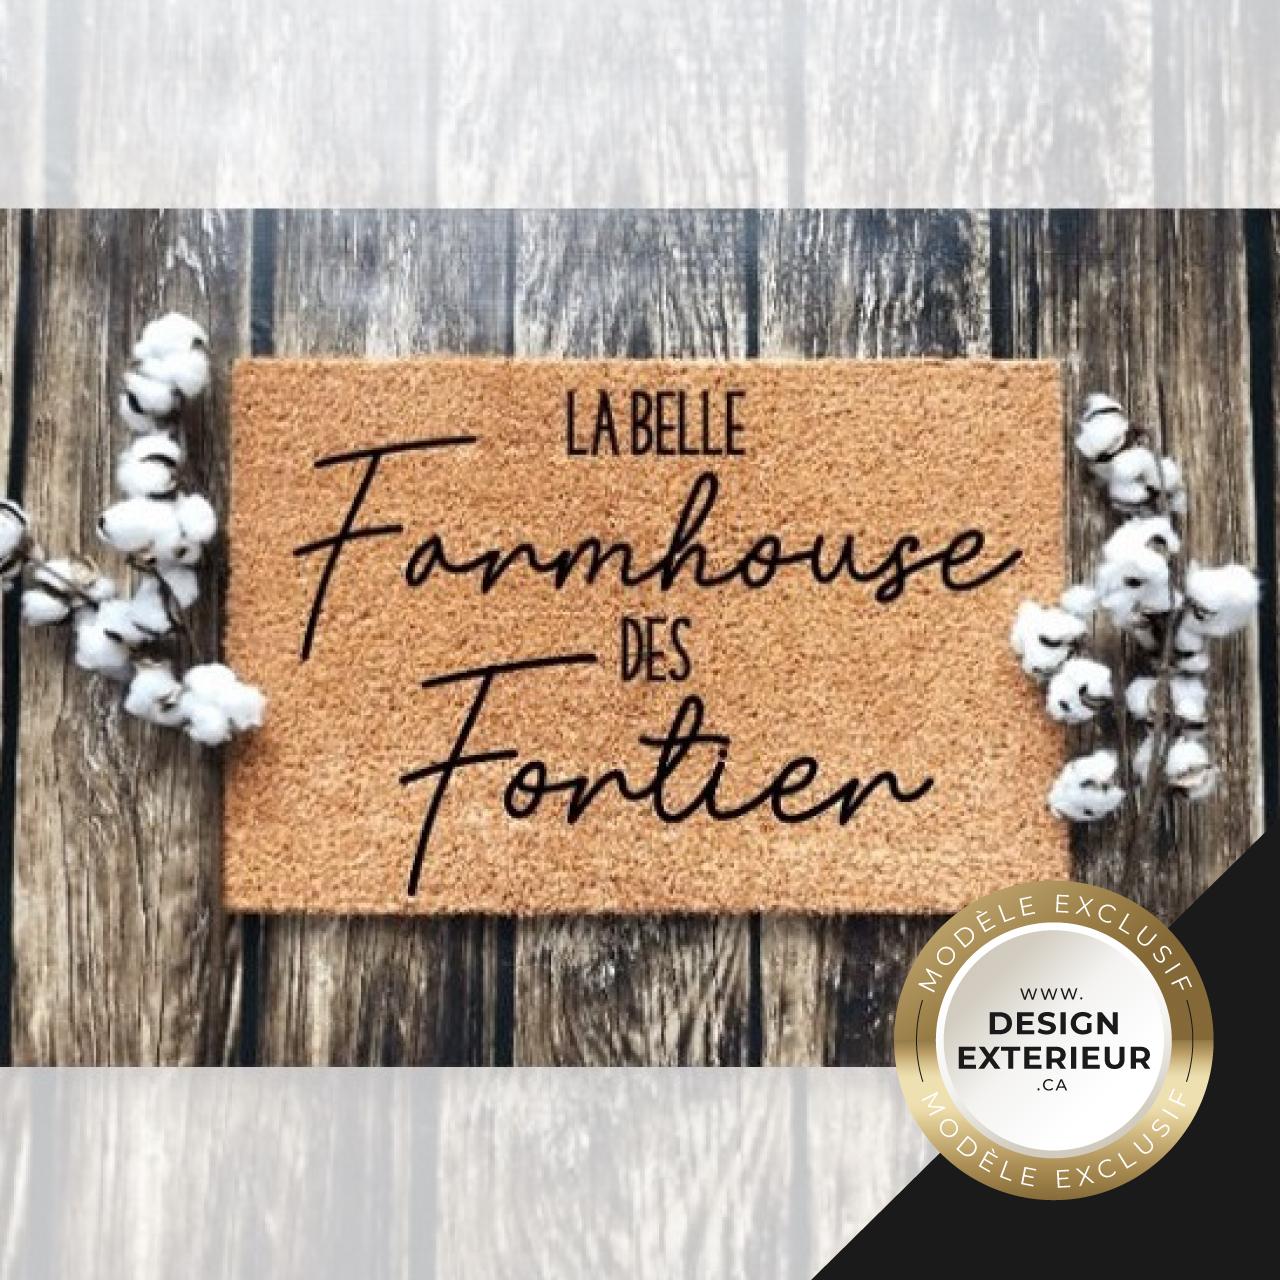 Paillasson Farmhouse personnalise Fortier Design exterieur badge Exclusif